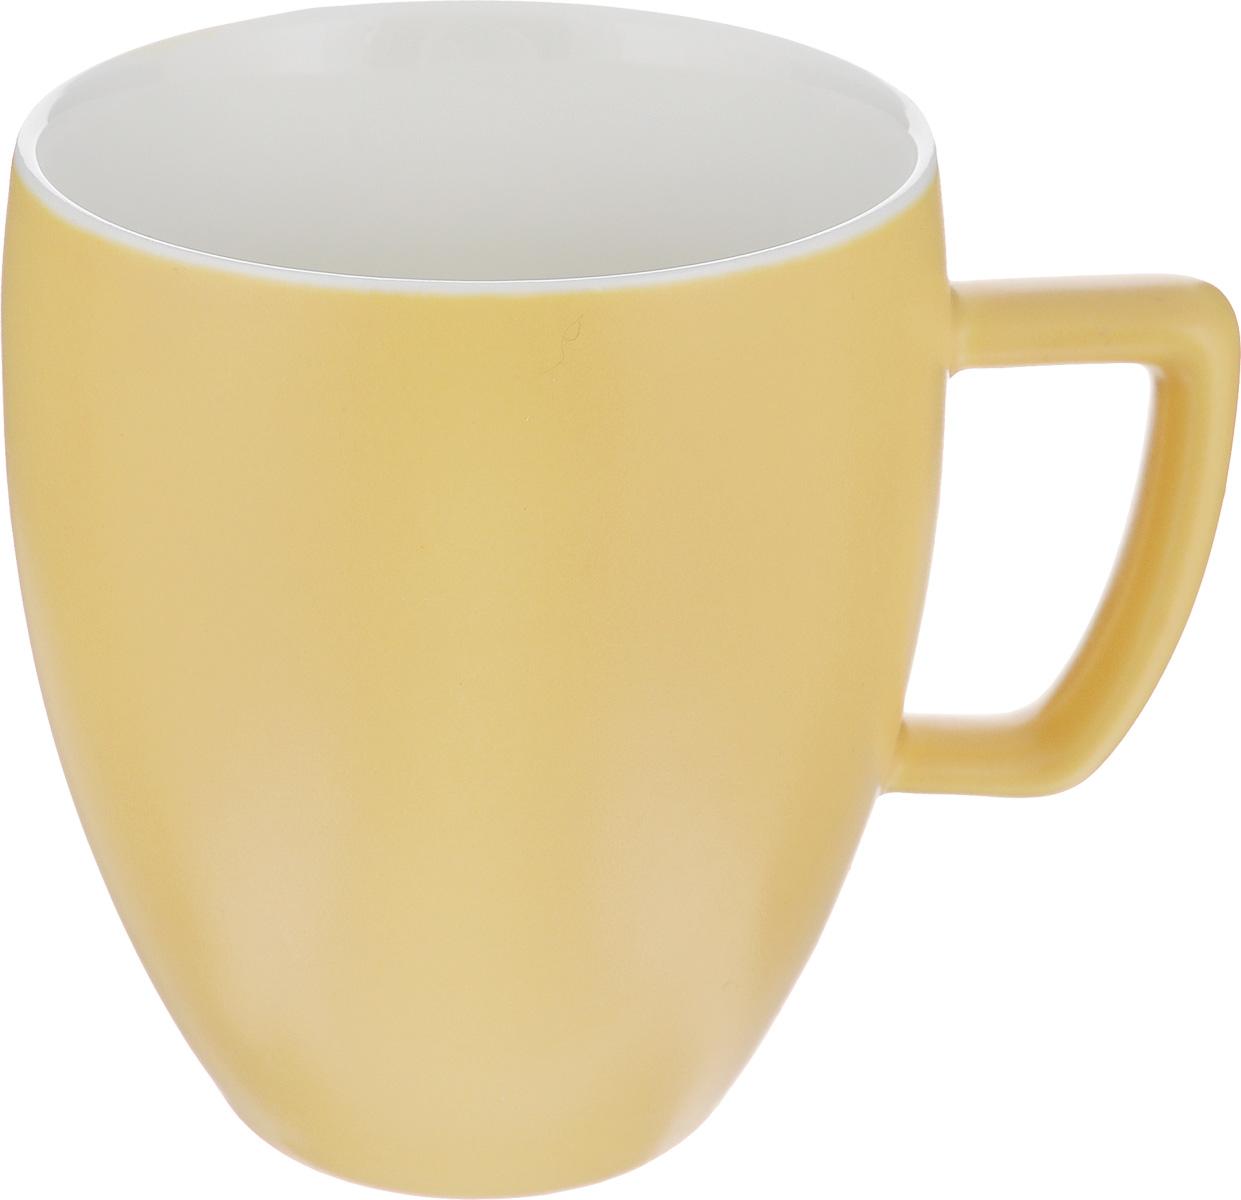 Кружка Tescoma Crema Tone, цвет: желтый, 300 мл387146_желтыйКружка Tescoma Crema Tone, изготовленная из высококачественного фарфора, прекрасно дополнит интерьер вашей кухни. Изящный дизайн кружки придется по вкусу и ценителям классики, и тем, кто предпочитает утонченность и изысканность. Кружка Tescoma Crema Tone станет хорошим подарком к любому празднику. Диаметр (по верхнему краю): 8 см.Высота: 10 см.